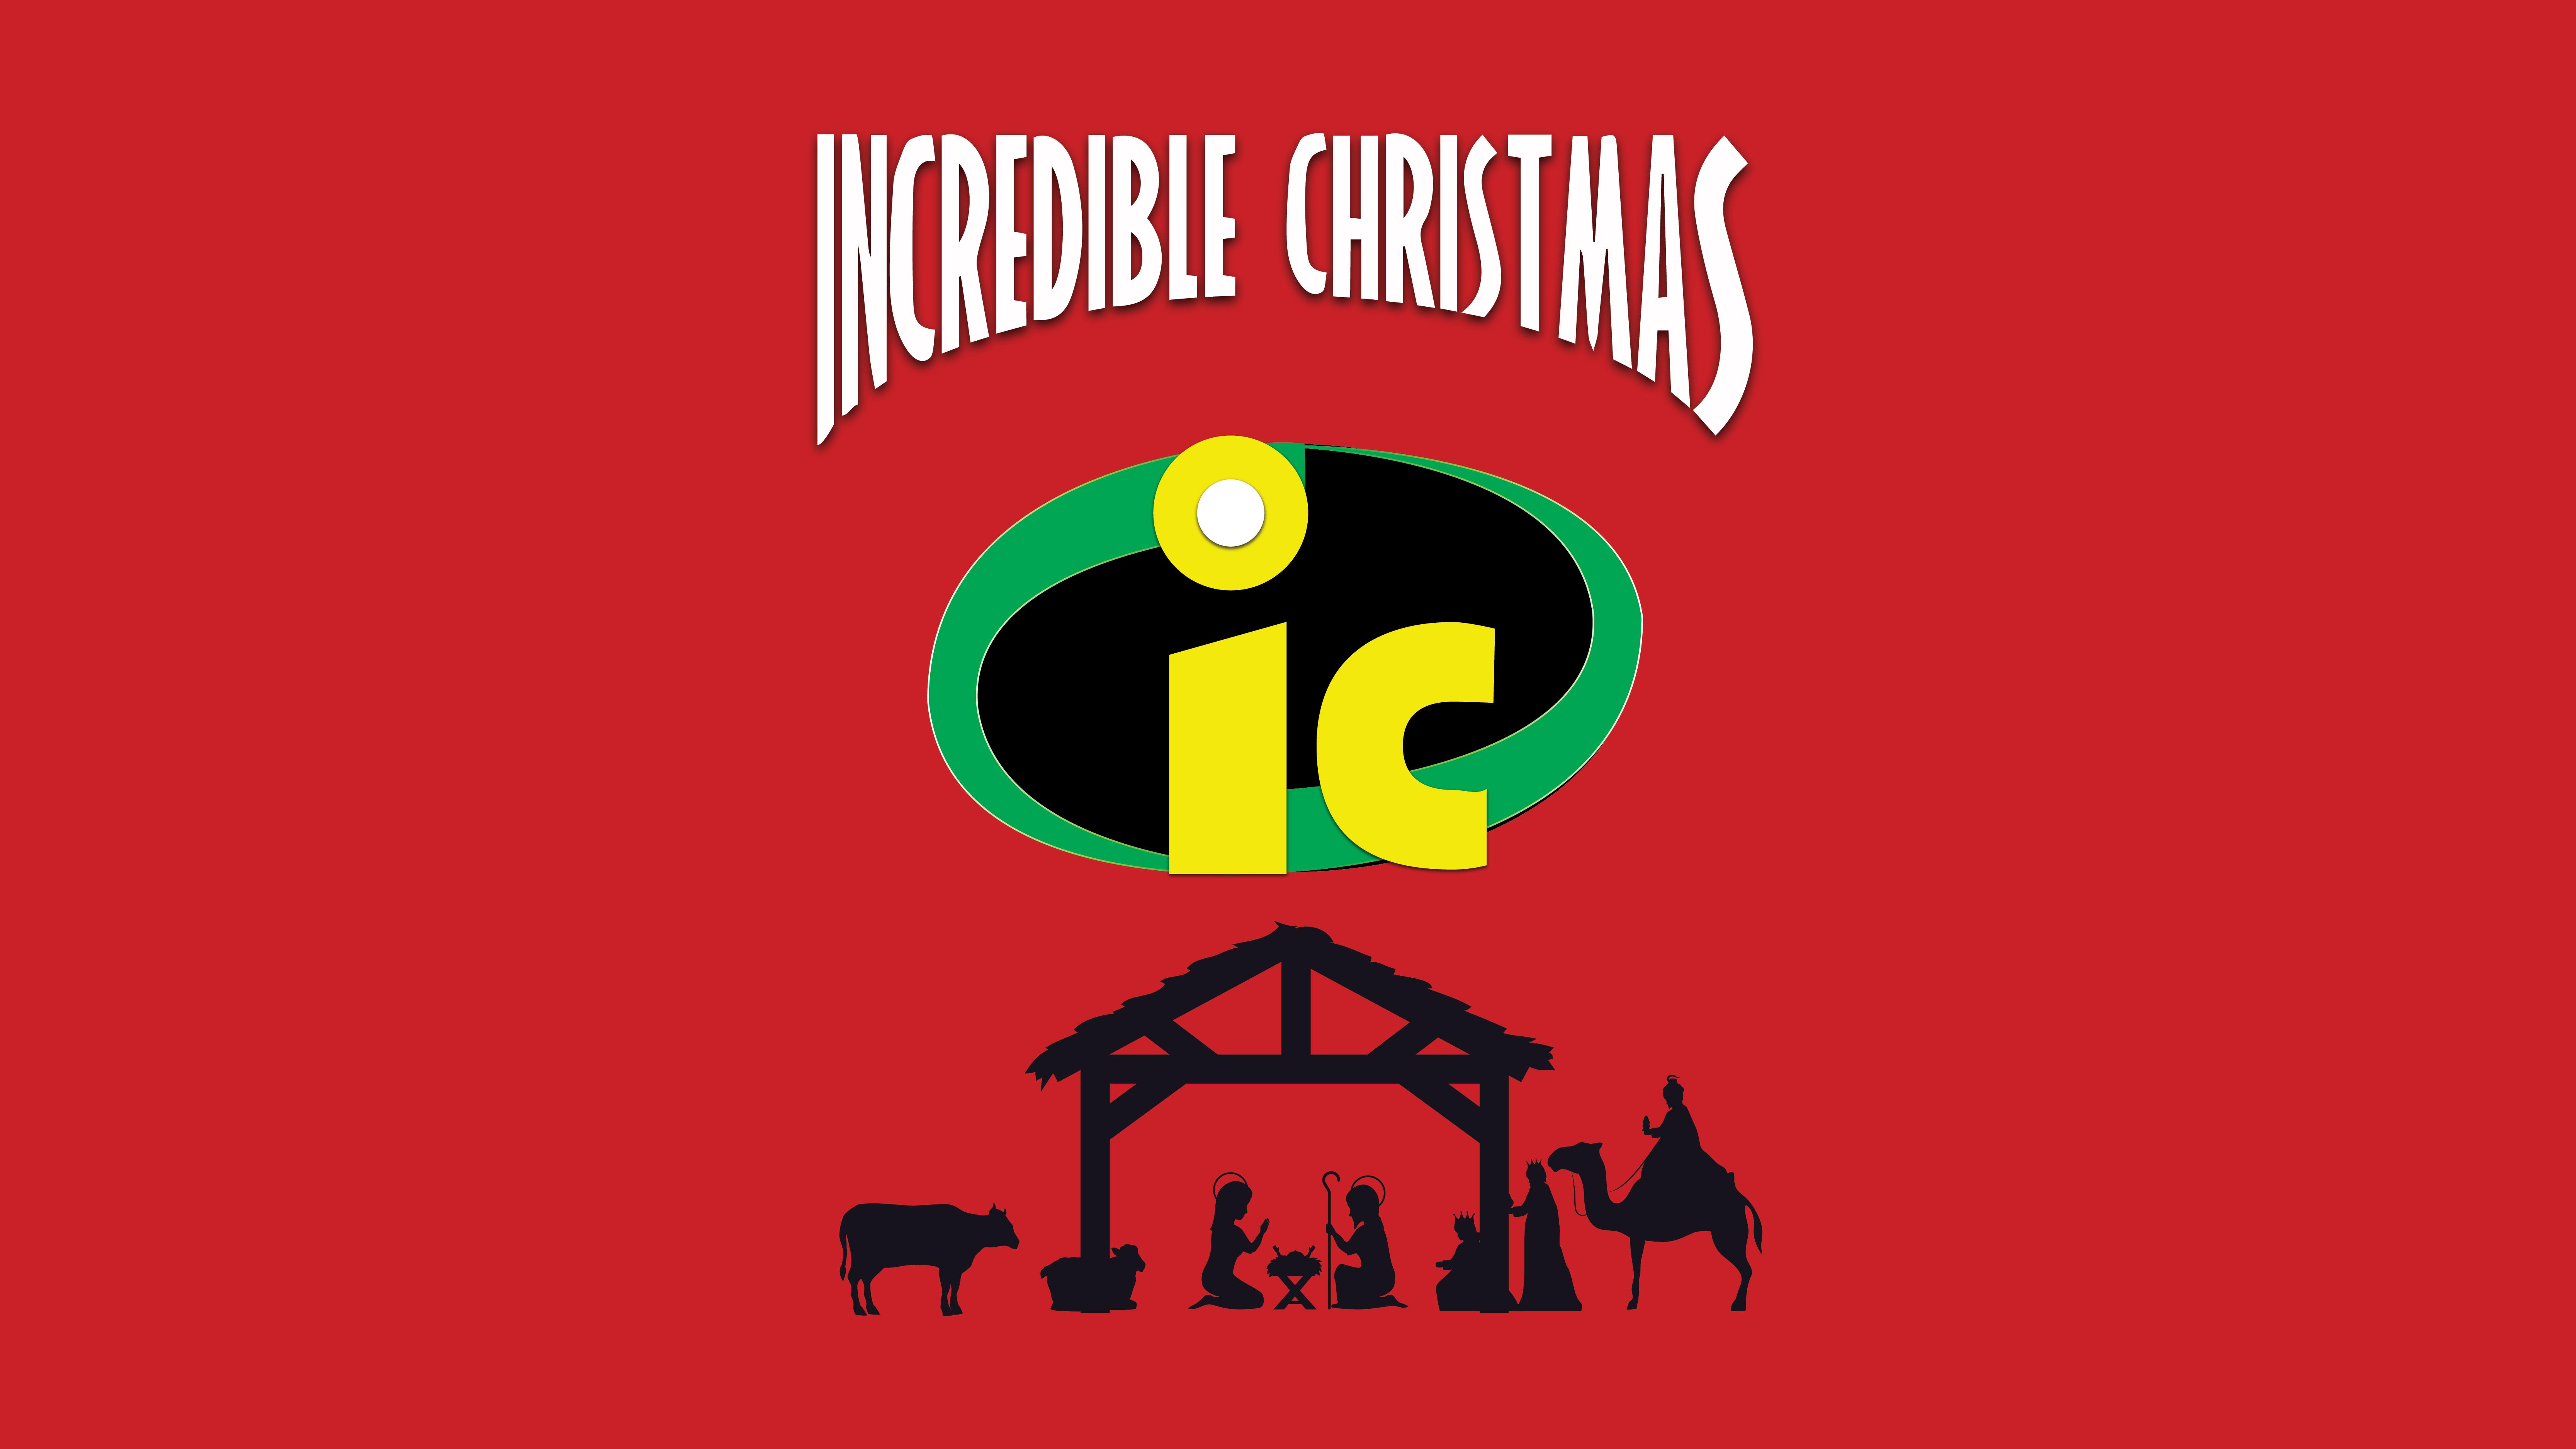 INCREDIBLE CHRISTMAS